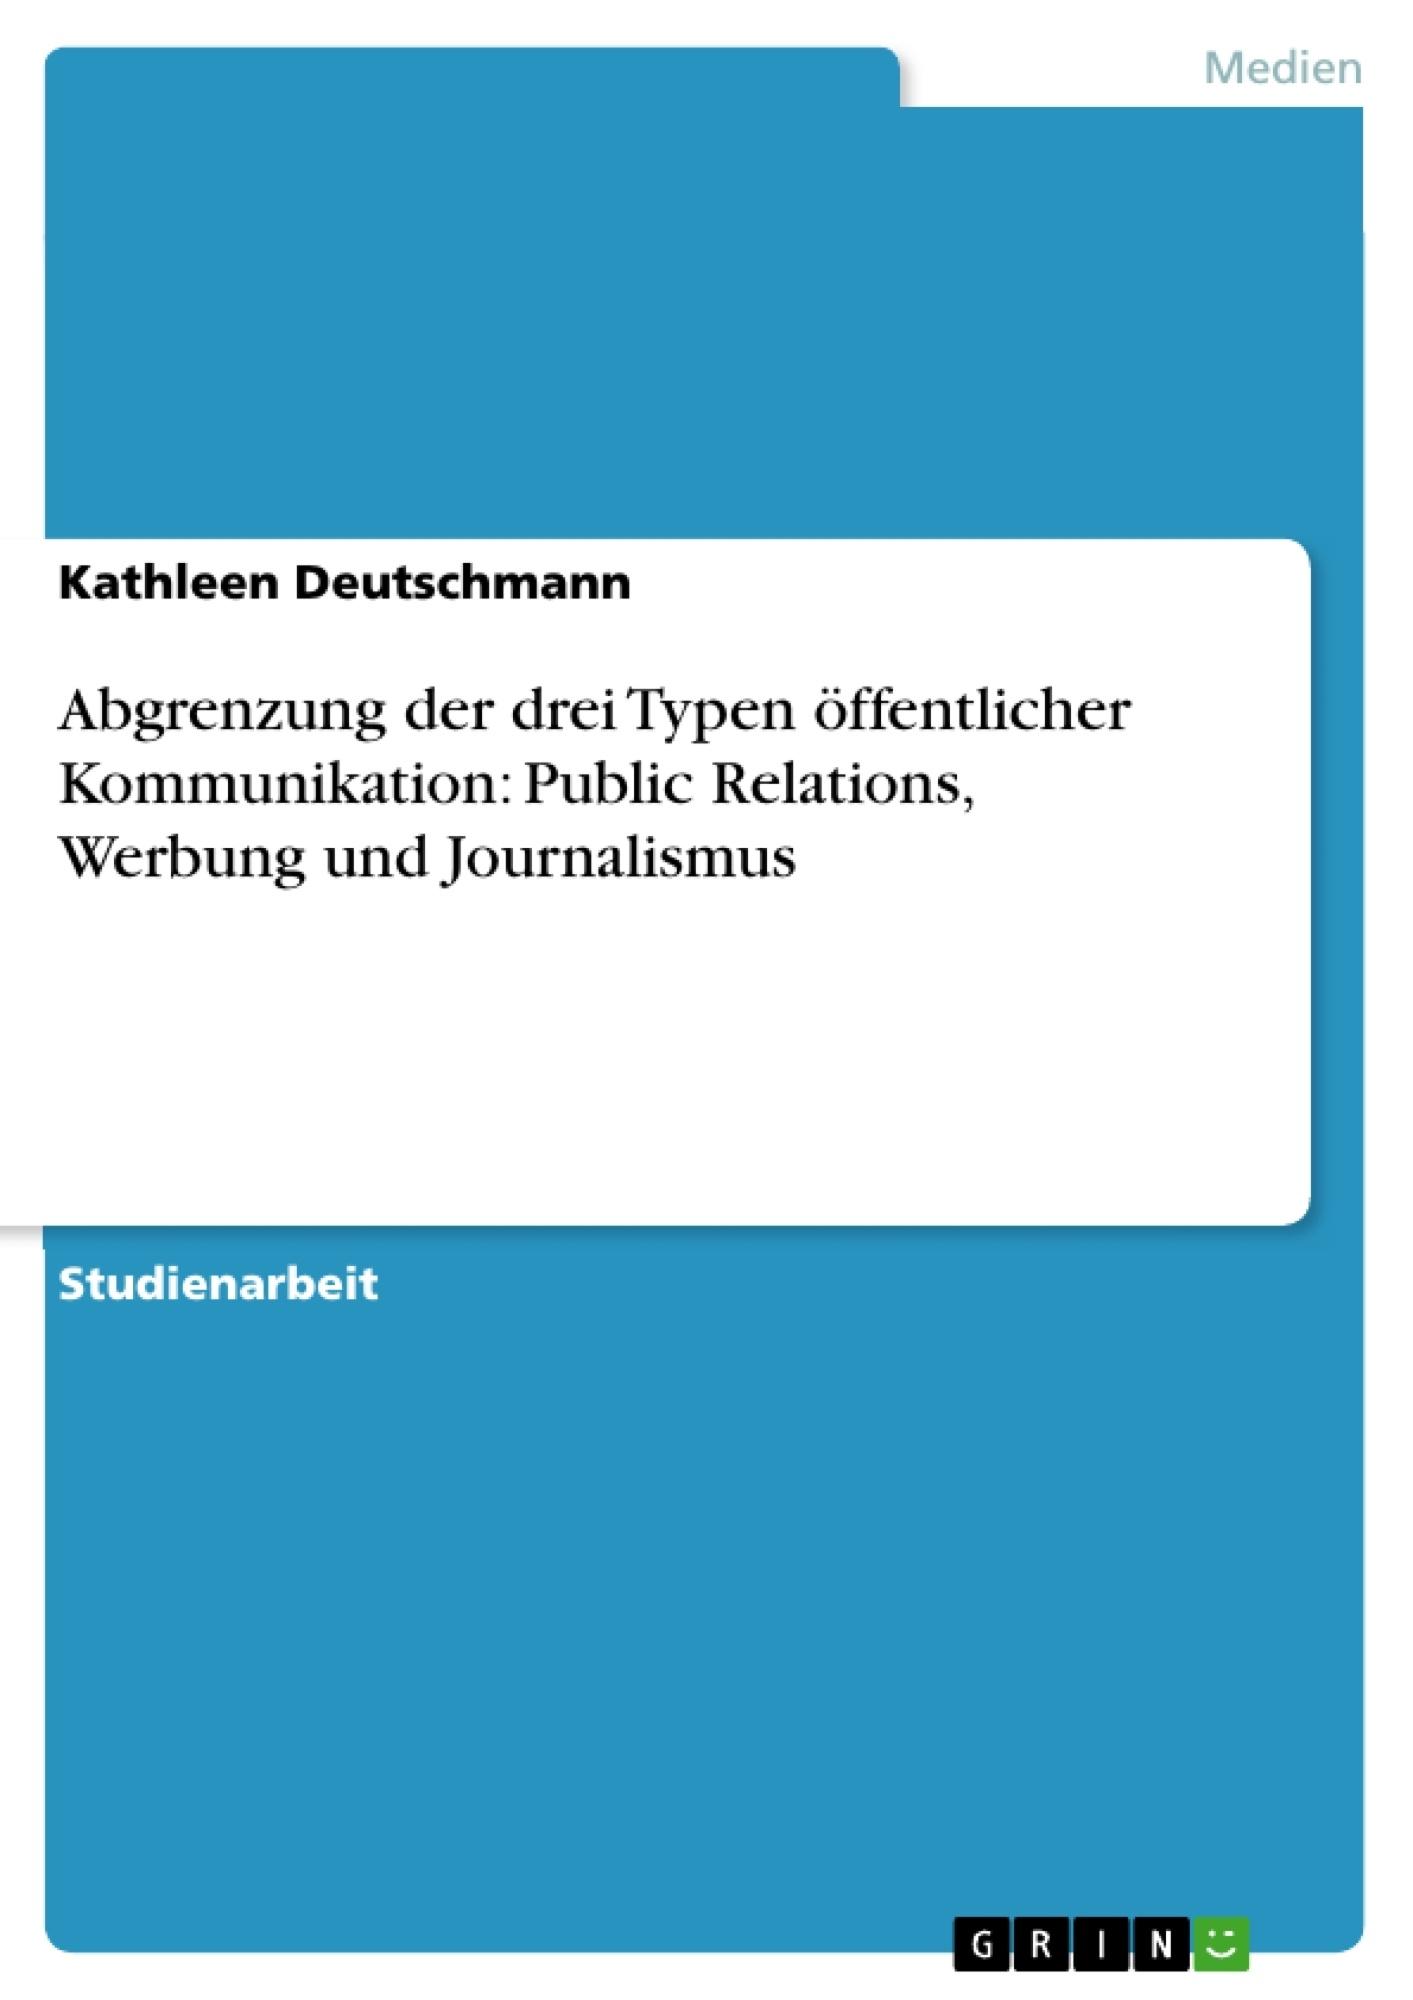 Titel: Abgrenzung der drei Typen öffentlicher Kommunikation: Public Relations, Werbung und Journalismus